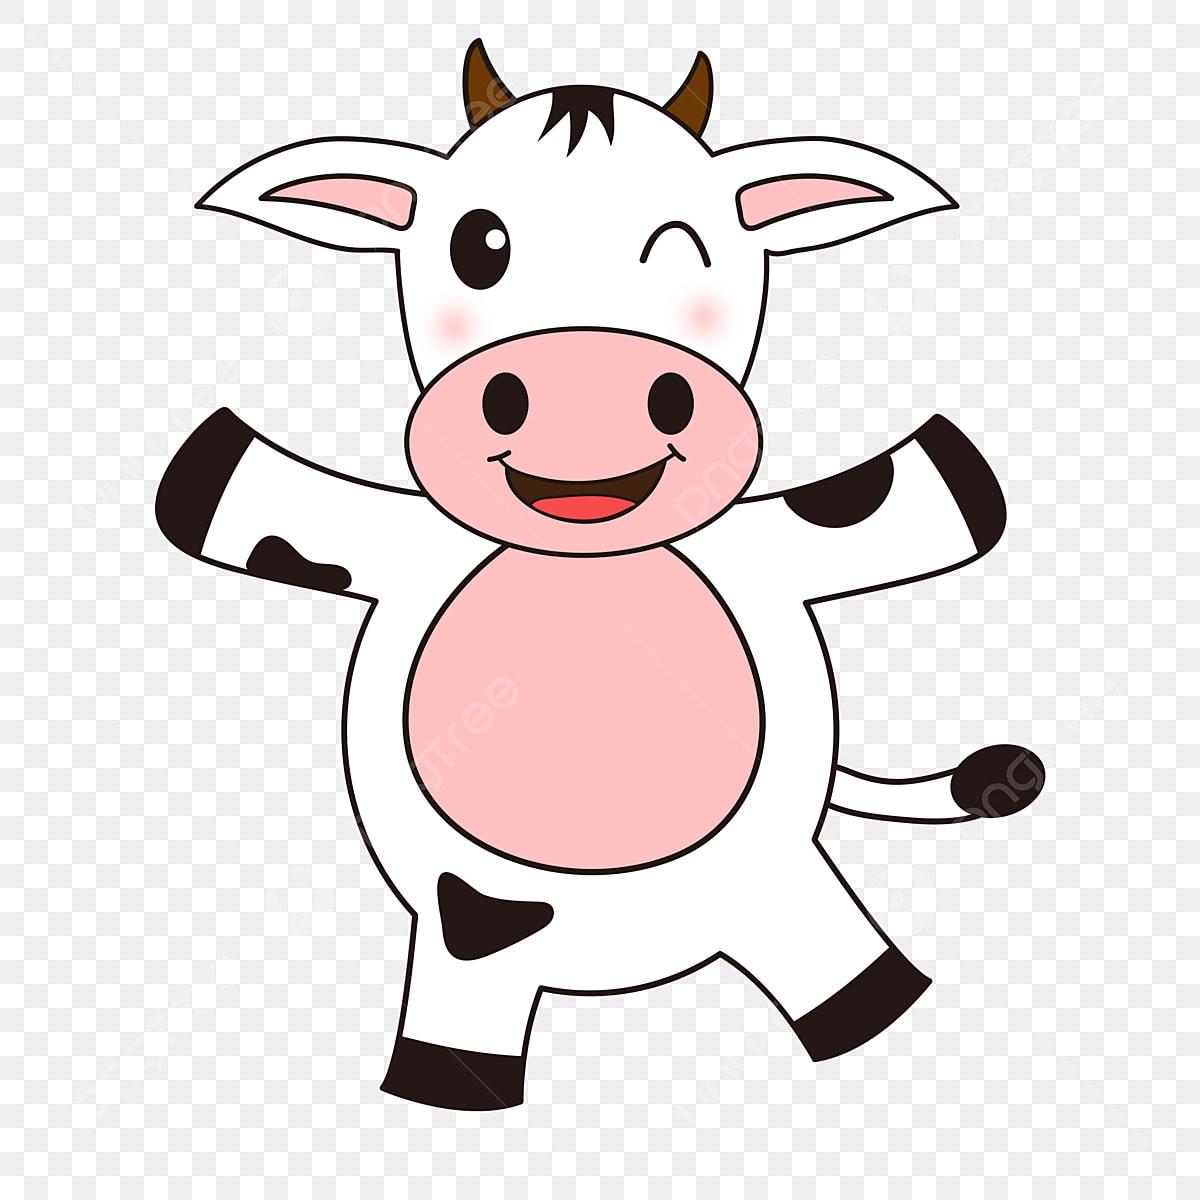 Dibujos De La Vaca Lola Para Imprimir Y Colorear